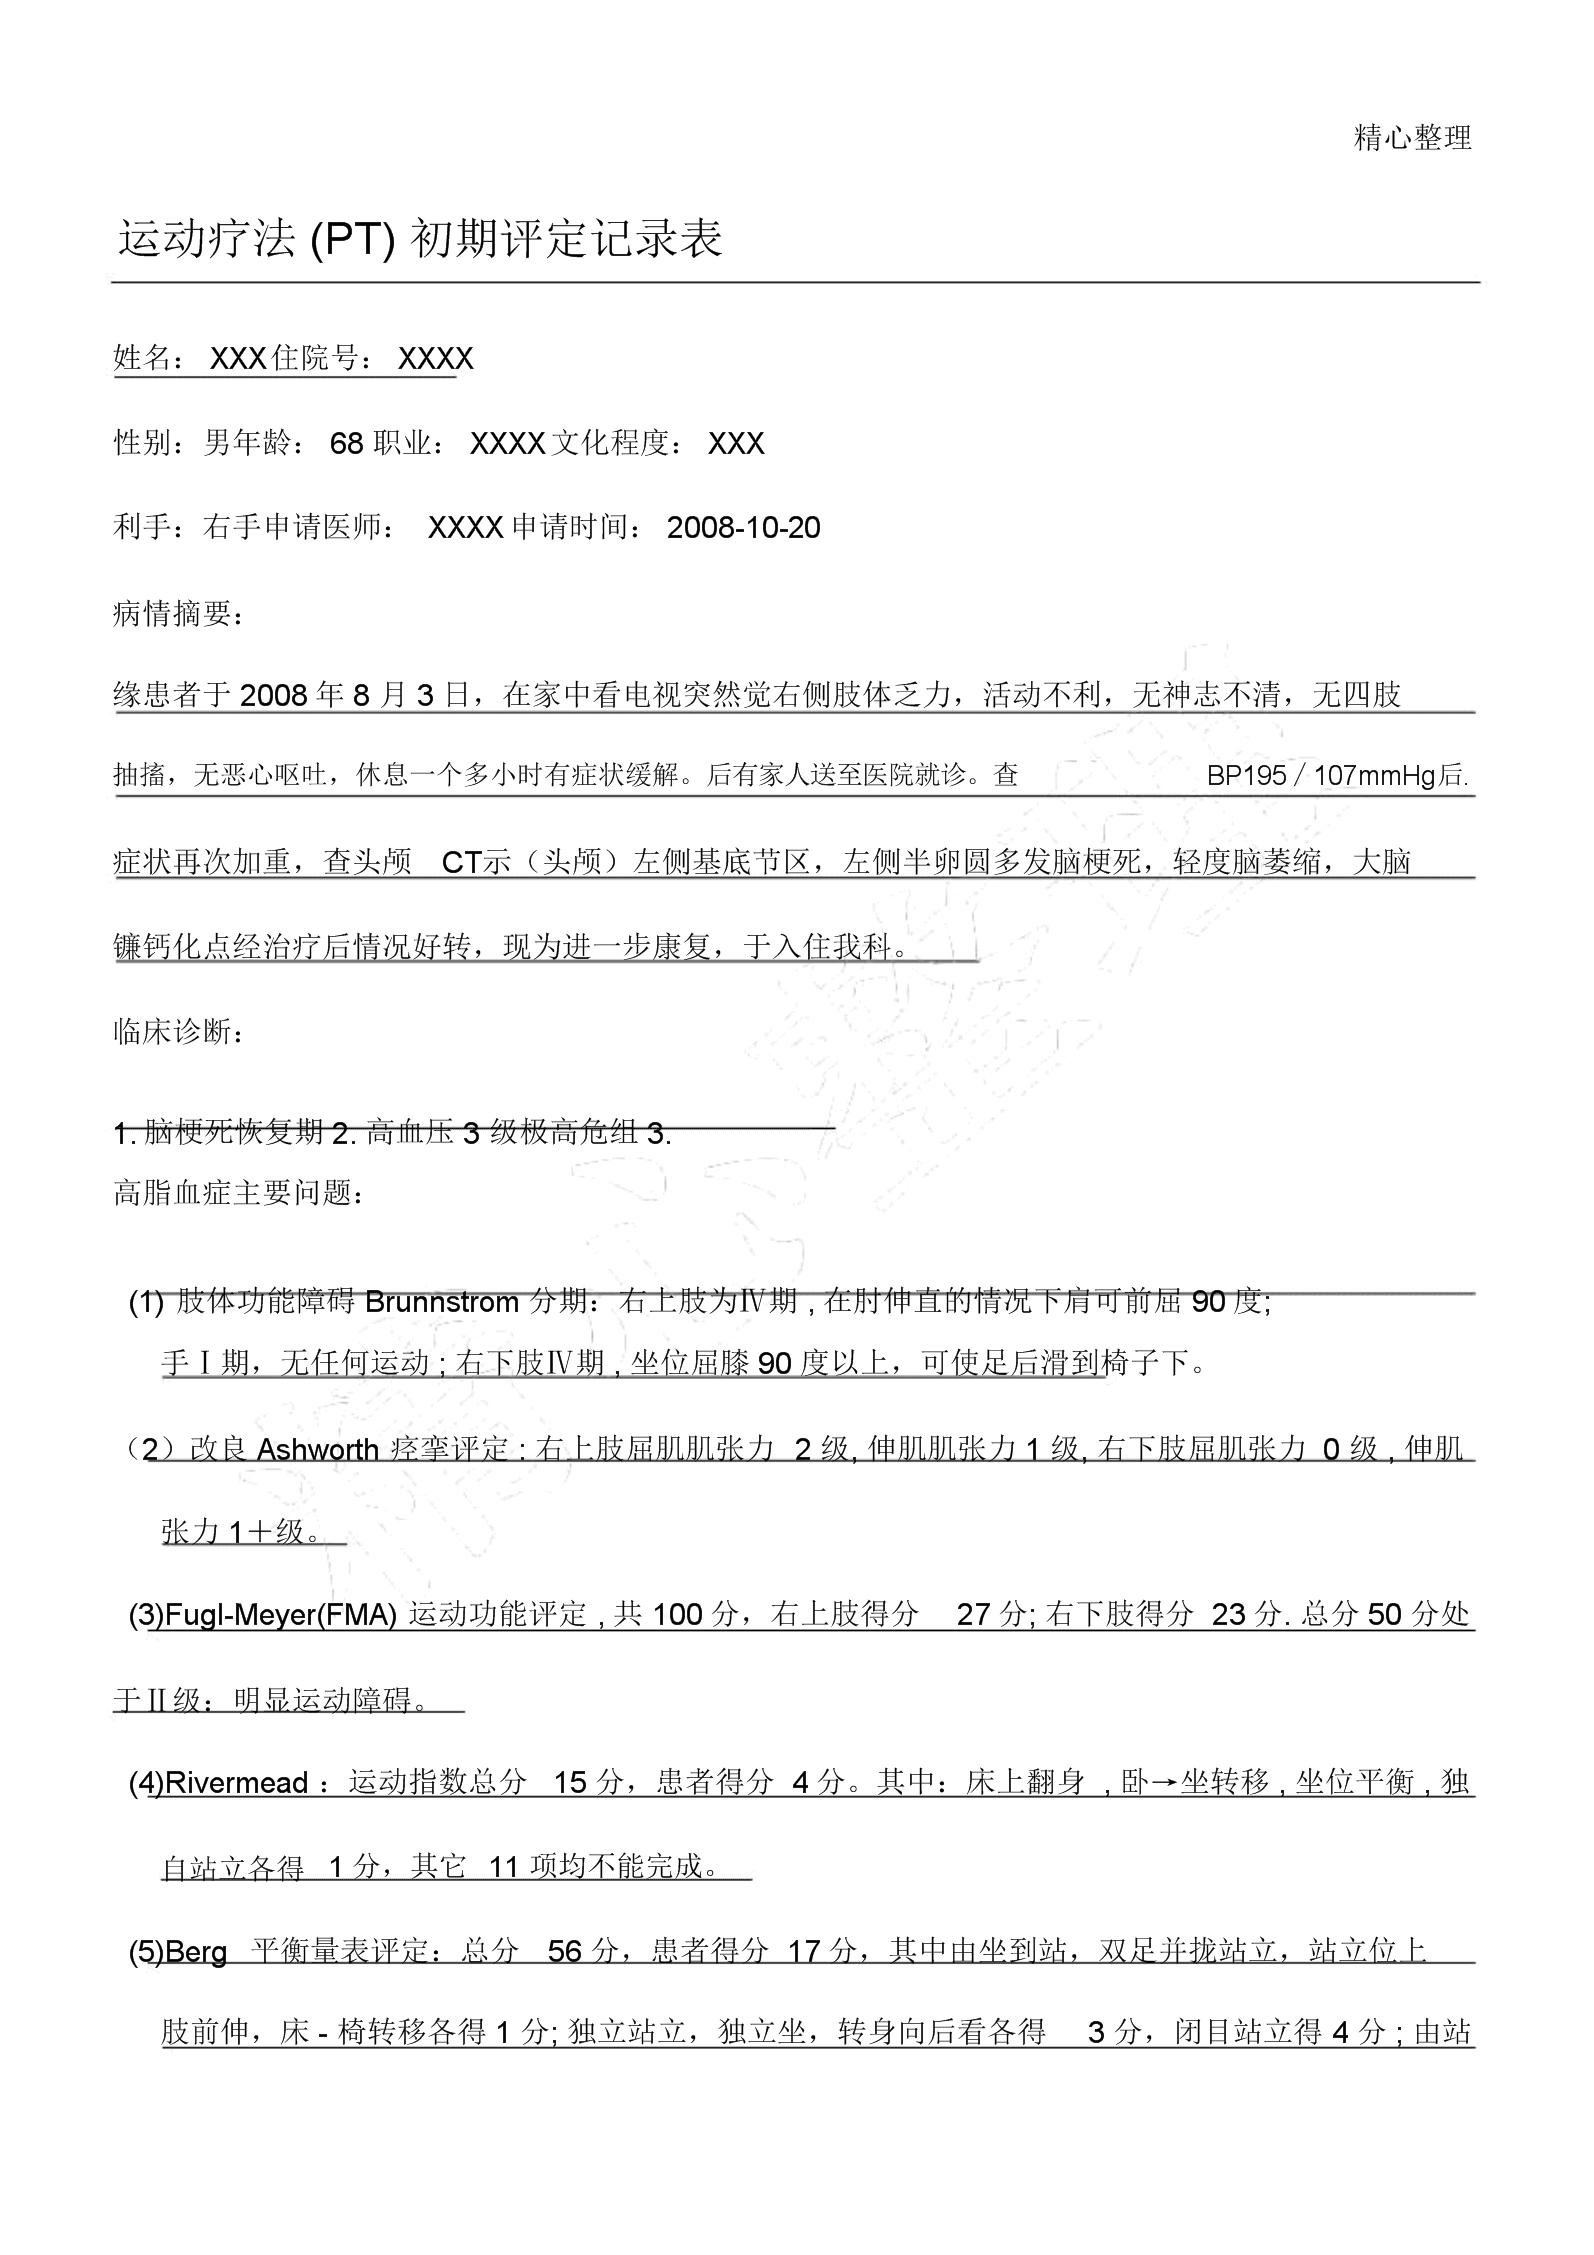 康复科评定记录文本表格模板样本.doc